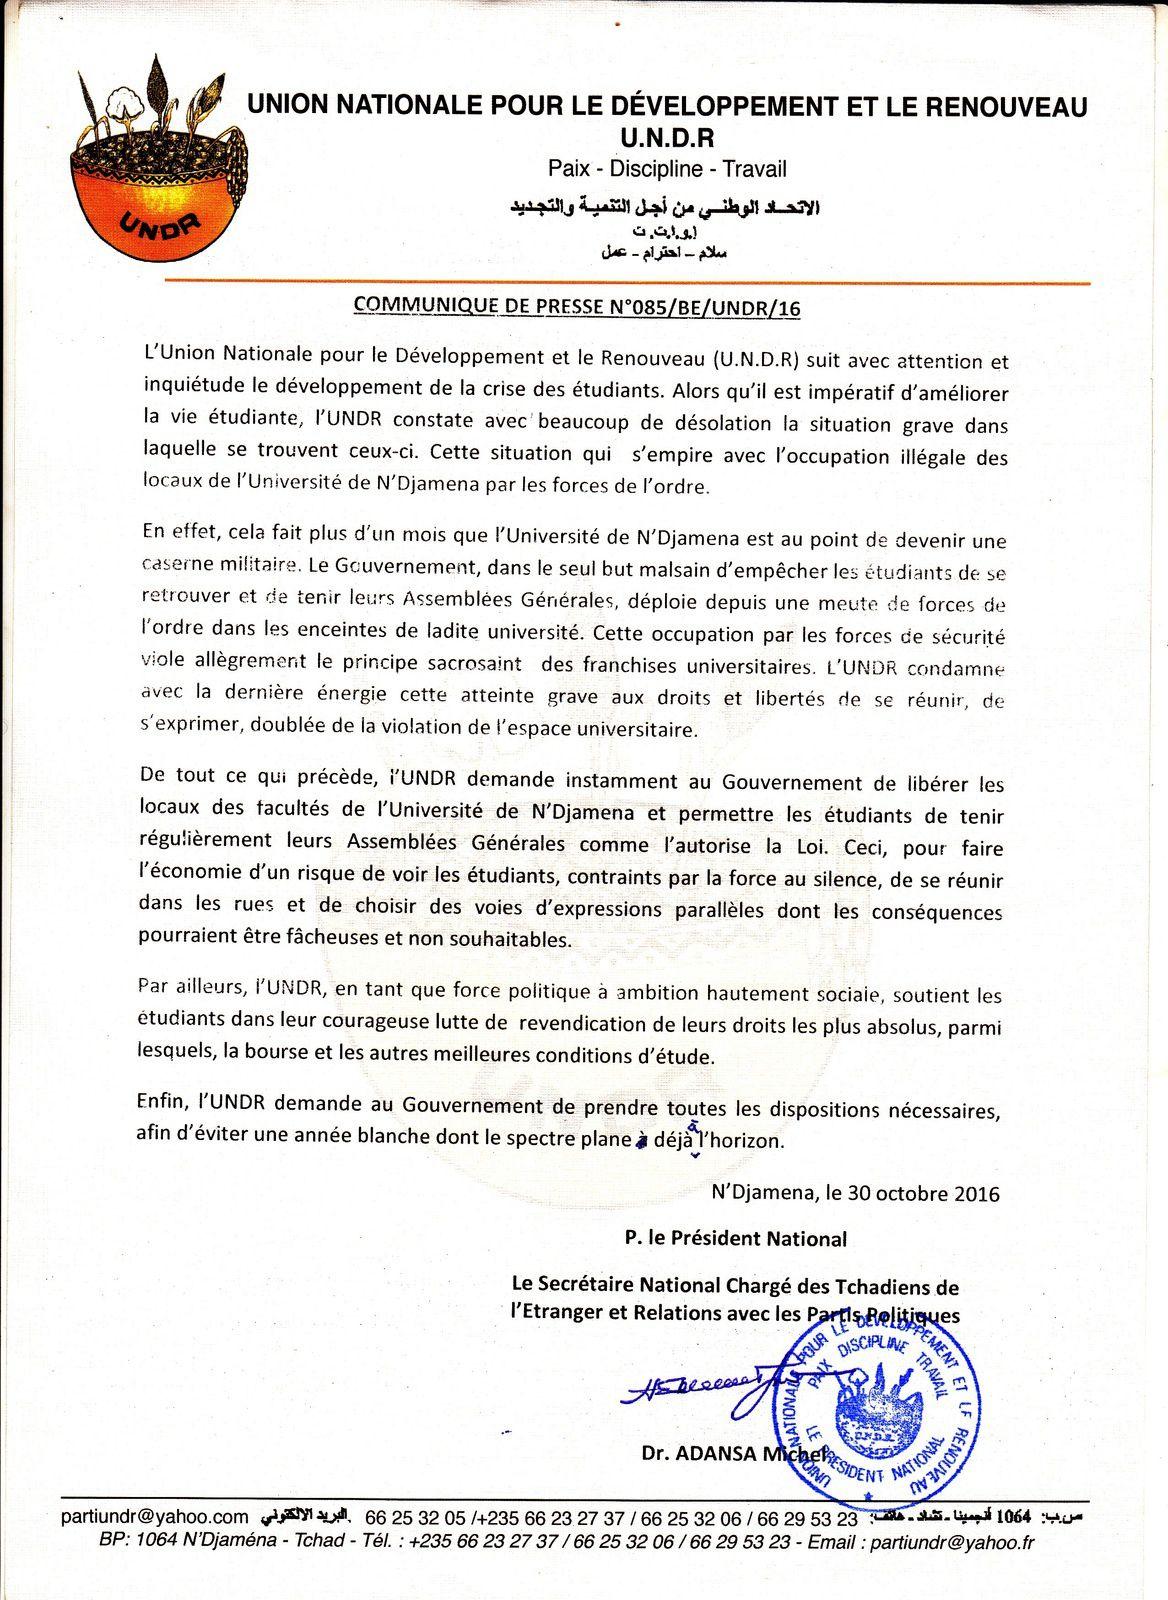 L'espace universitaire violé par les forces de l'ordre au Tchad: l'UNDR apporte son soutien aux étudiants dans leurs revendications